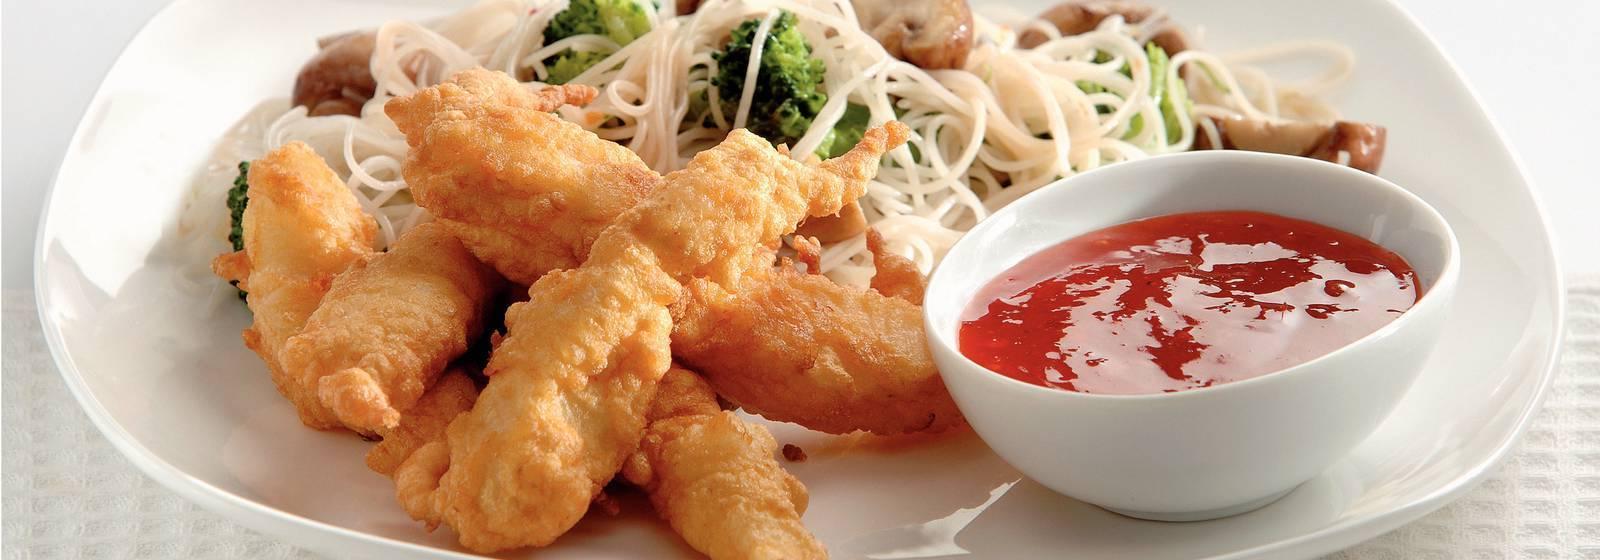 Fish tempura with sweet chili